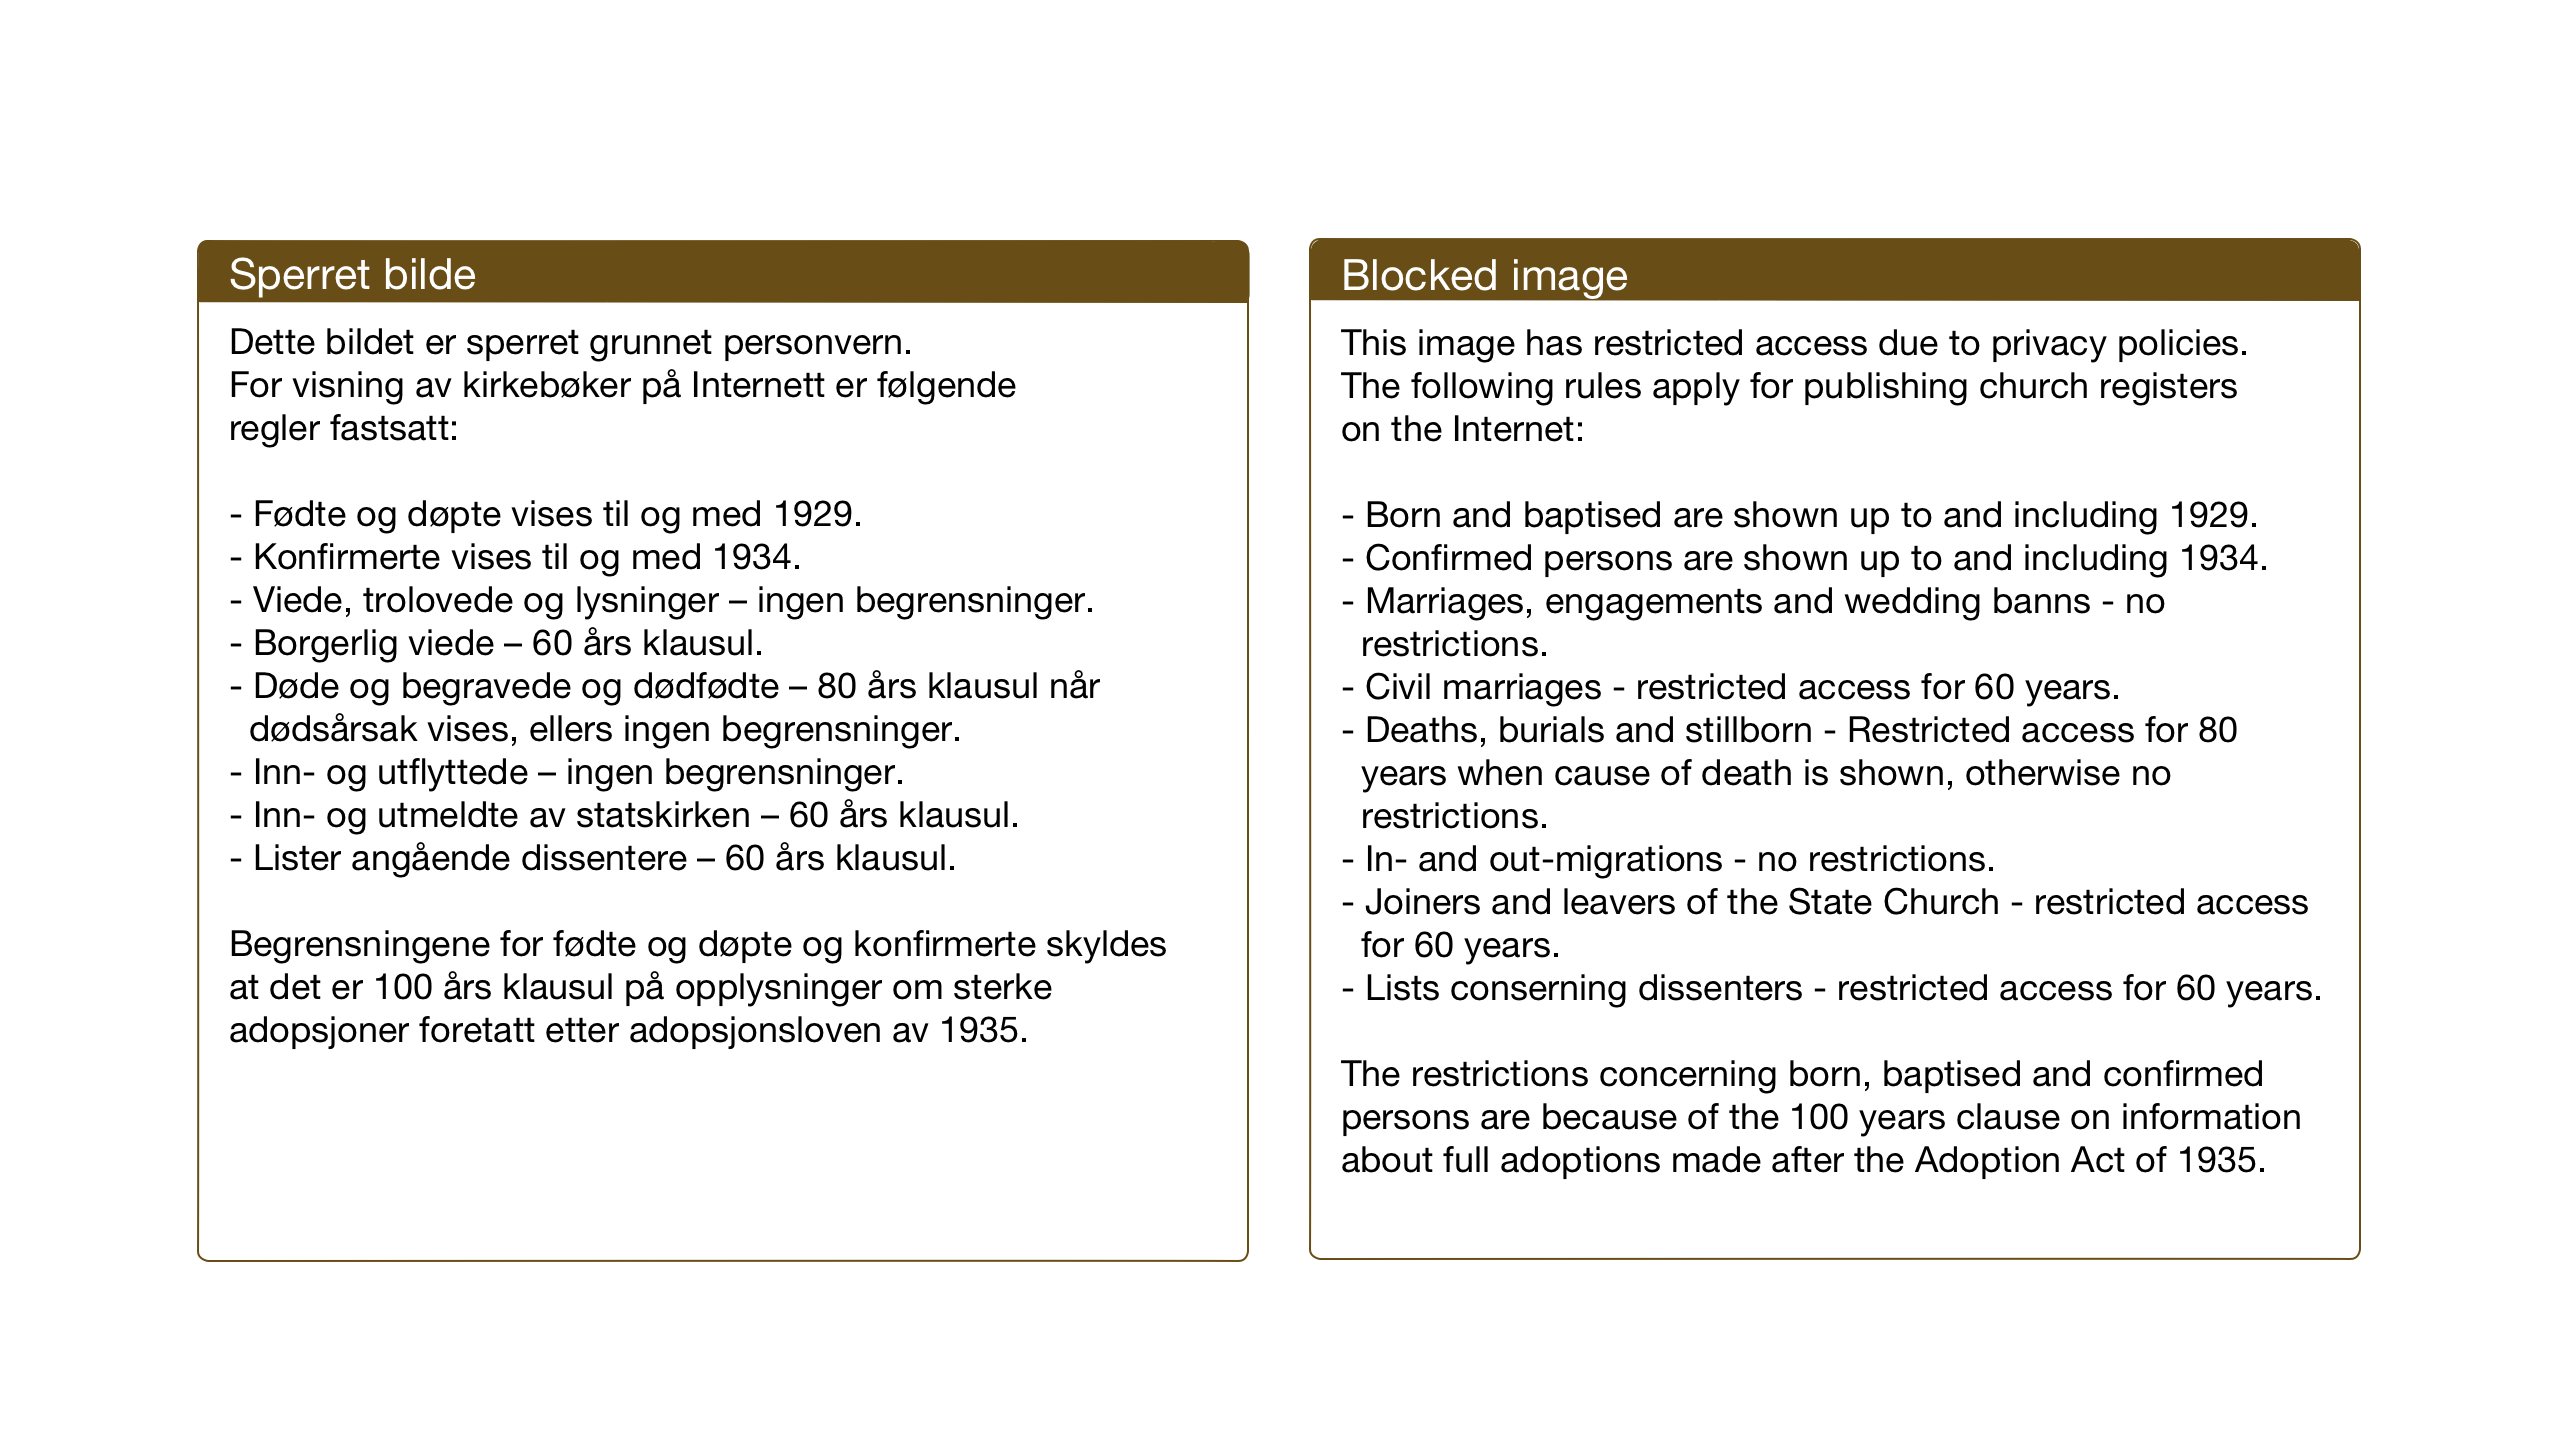 SAT, Ministerialprotokoller, klokkerbøker og fødselsregistre - Nord-Trøndelag, 714/L0136: Klokkerbok nr. 714C05, 1918-1957, s. 33